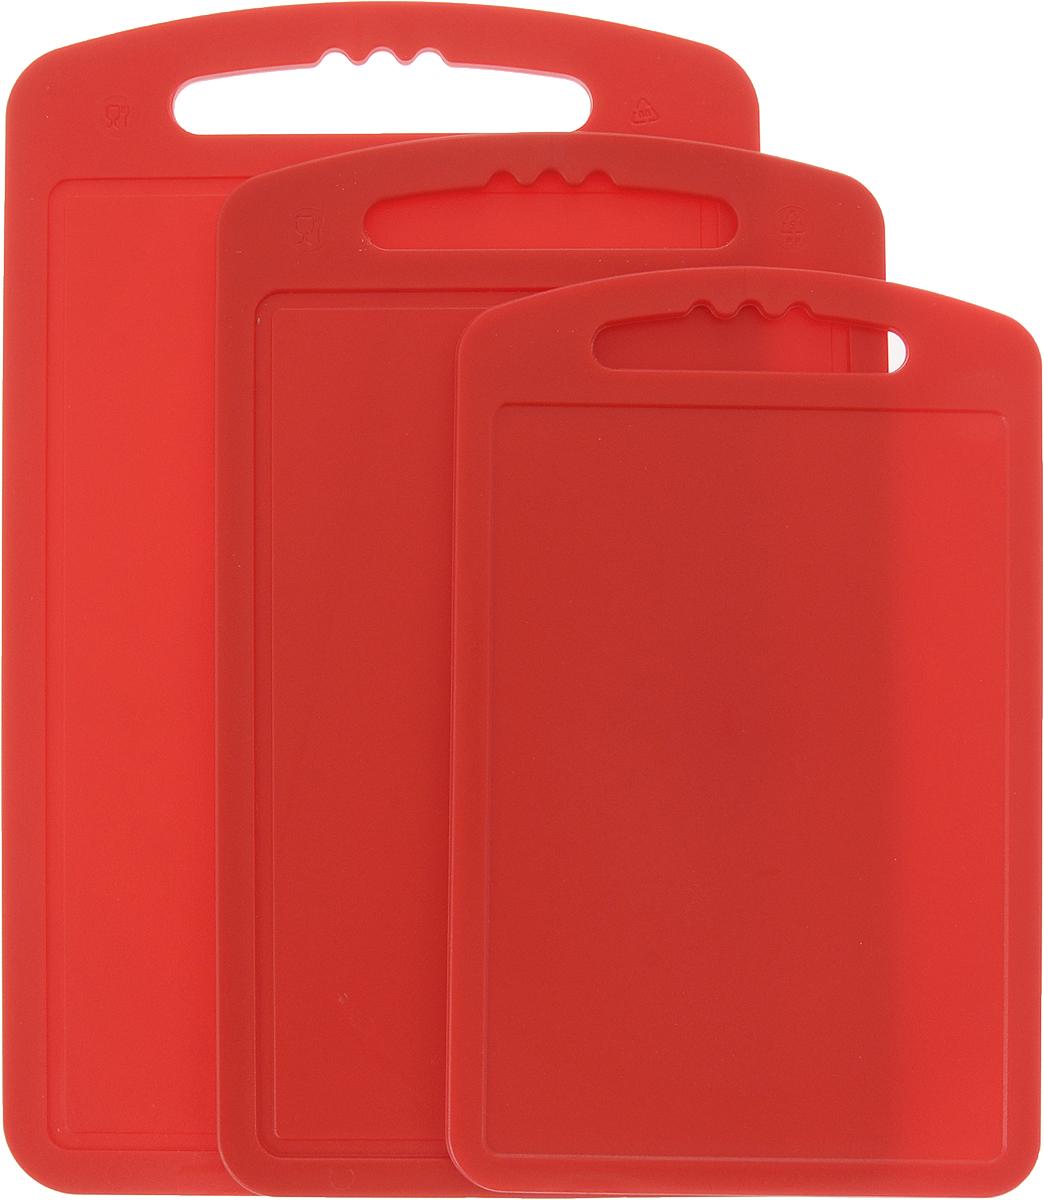 Доска разделочная Мартика, набор, 3 шт. С55С55Набор разделочных досок Мартика станет незаменимым атрибутом приготовления пищи. Доски изготовлены из высокопрочного пластика и идеально подходят для нарезки любых продуктов. Доска имеет привлекательный современный дизайн и снабжена желобком для стока жидкости.Доска не впитывает запахи, устойчива к воздействию ножом, благодаря чему изделие более долговечно. Современный стильный дизайн и функциональность позволят набору занять достойное место на вашей кухне. Размер малой доски: 15 х 24 см. Размер средней доски: 18 х 28 см. Размер большой доски: 20 х 32 см.